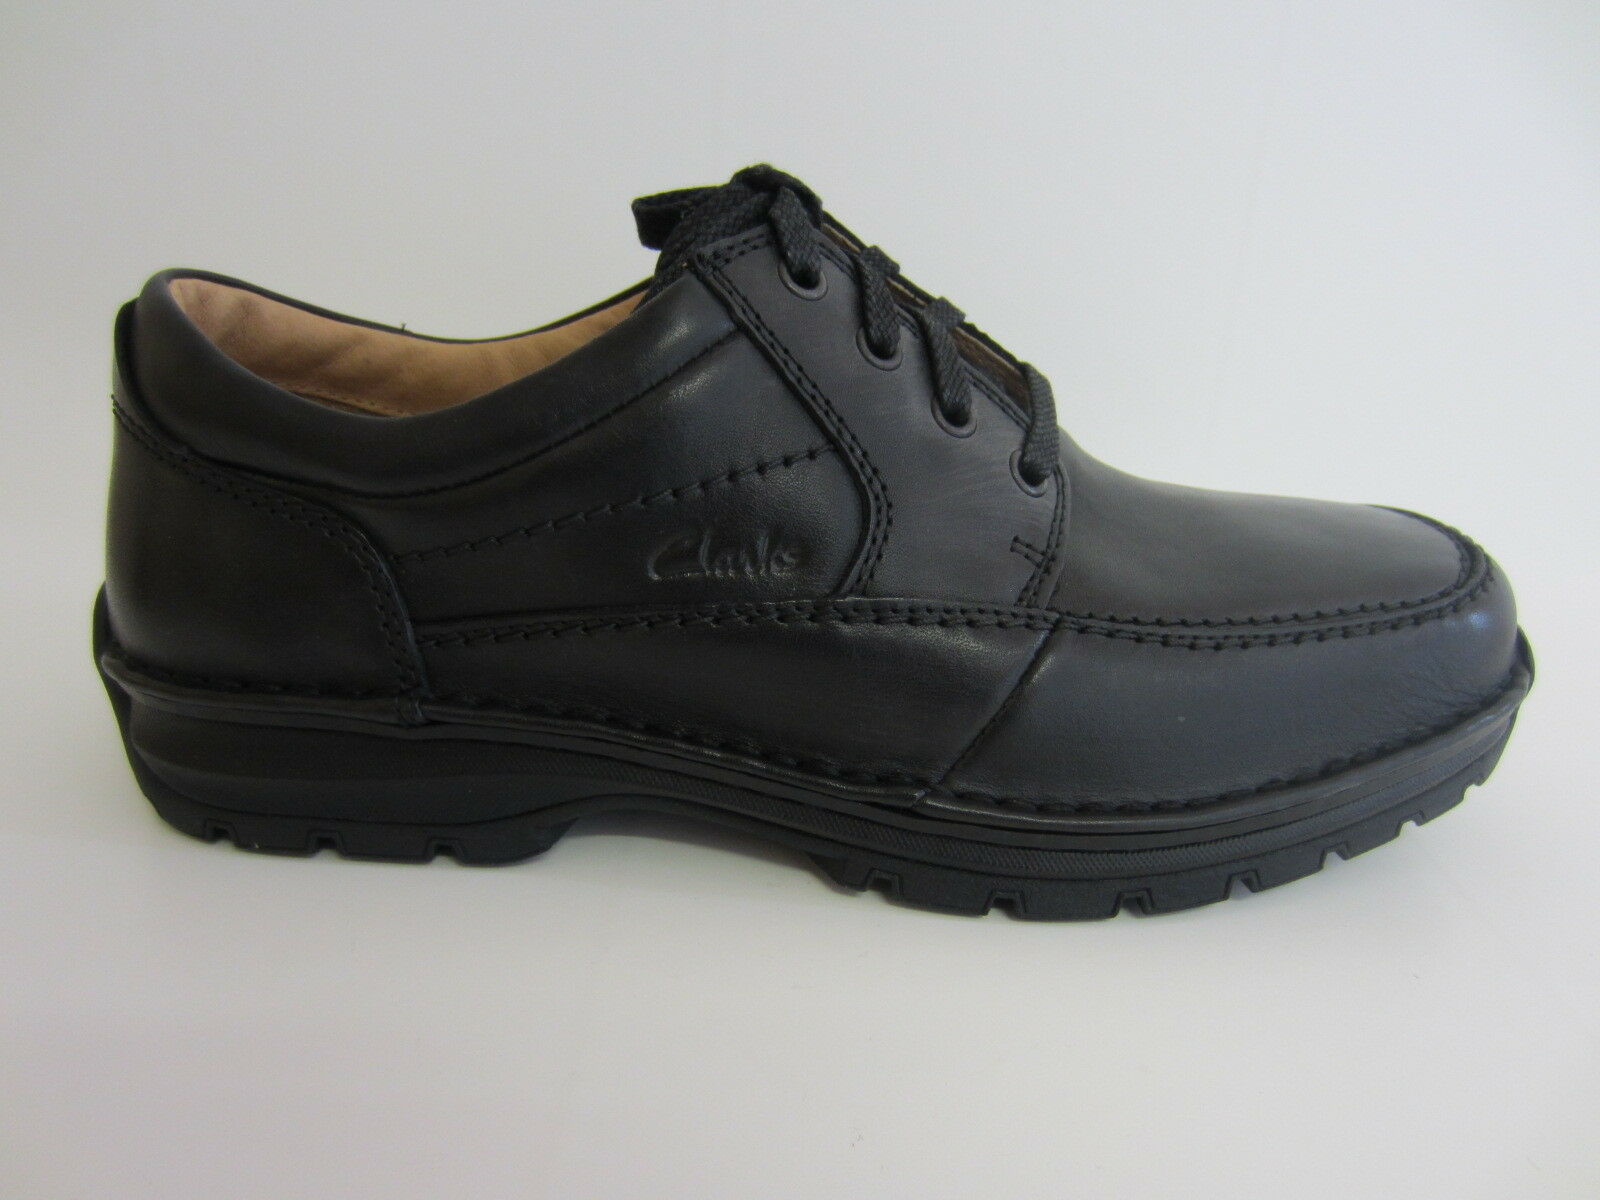 prodotti creativi Clarks Sidmouth pelle nera nera nera Key Lace-Up Scarpa Raccordo (R38B H) (Kett)  negozio fa acquisti e vendite